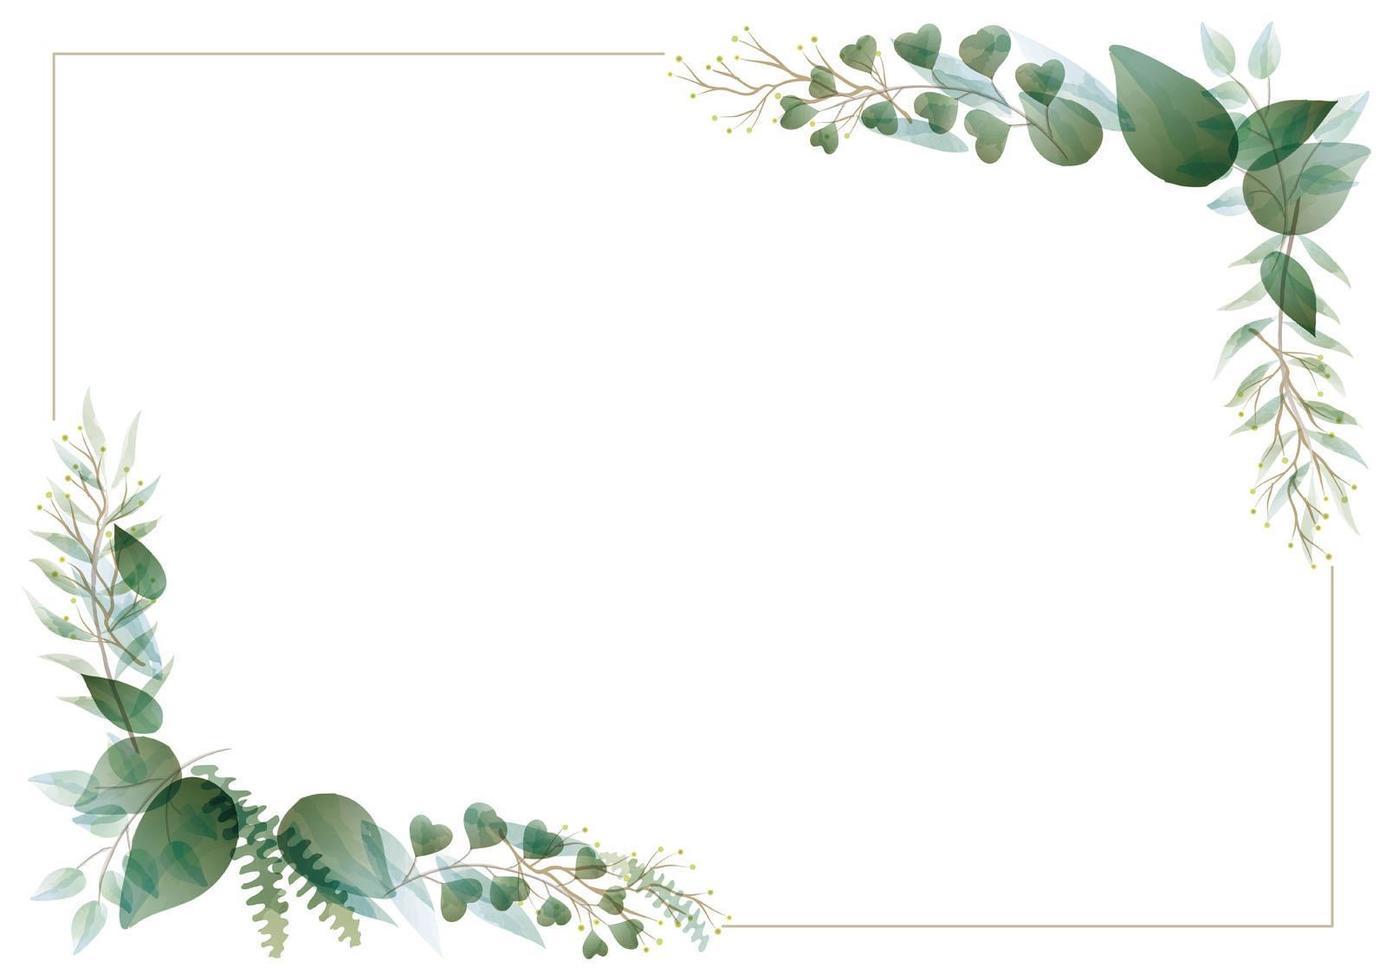 cadre rectangle botanique aquarelle vecteur